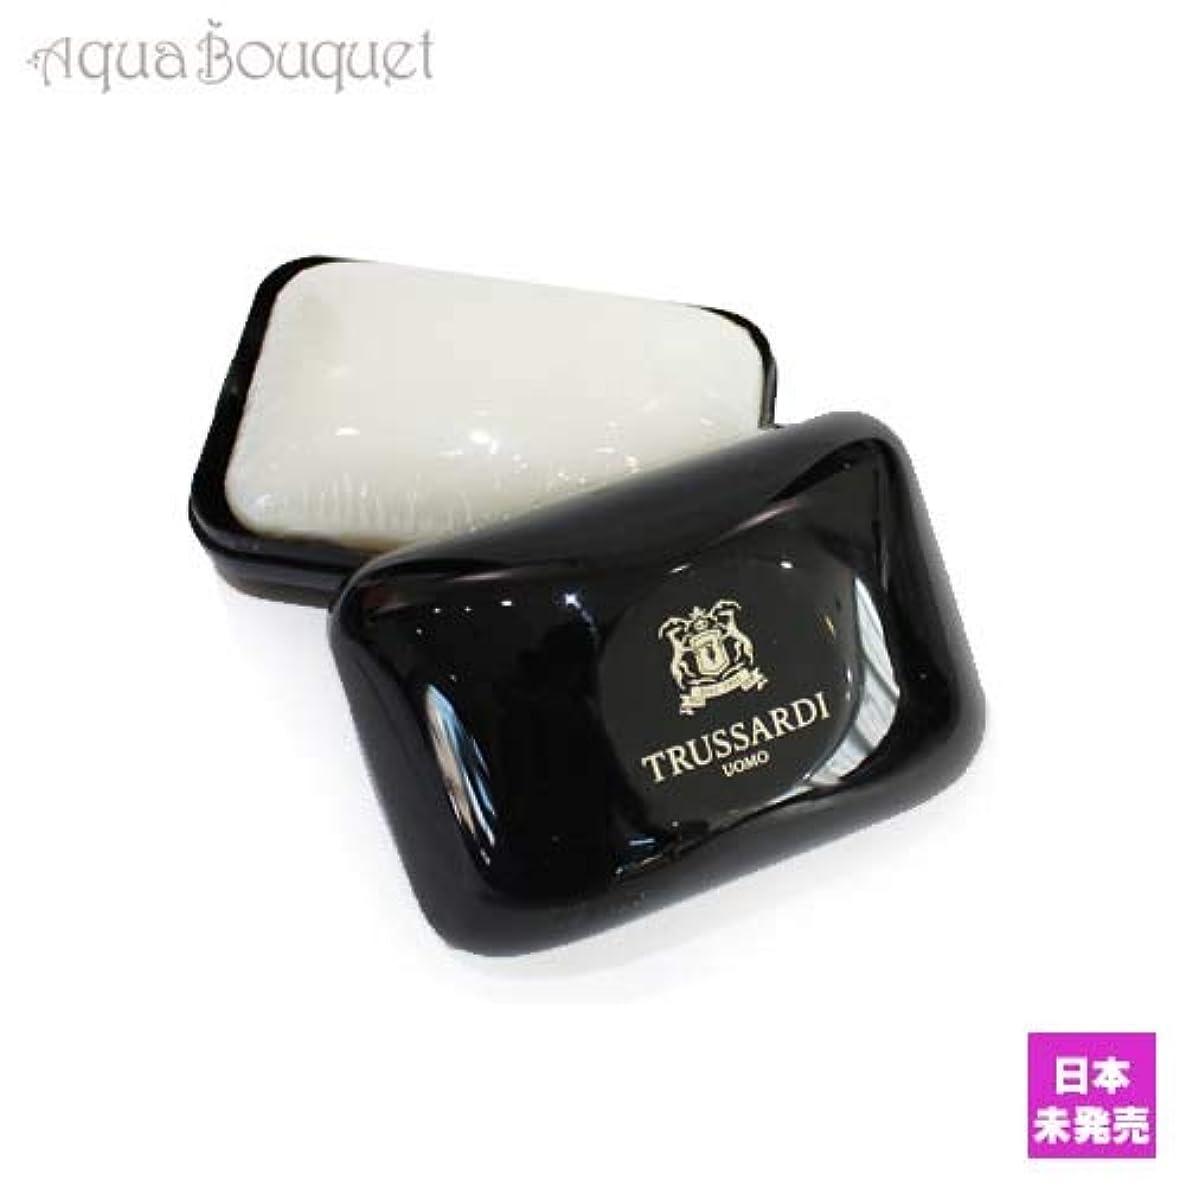 形容詞深くねじれトラサルディ ウォモ ソープ 100g(ケース付き)TRUSSARDI UOMO SOAP [7216] [並行輸入品]